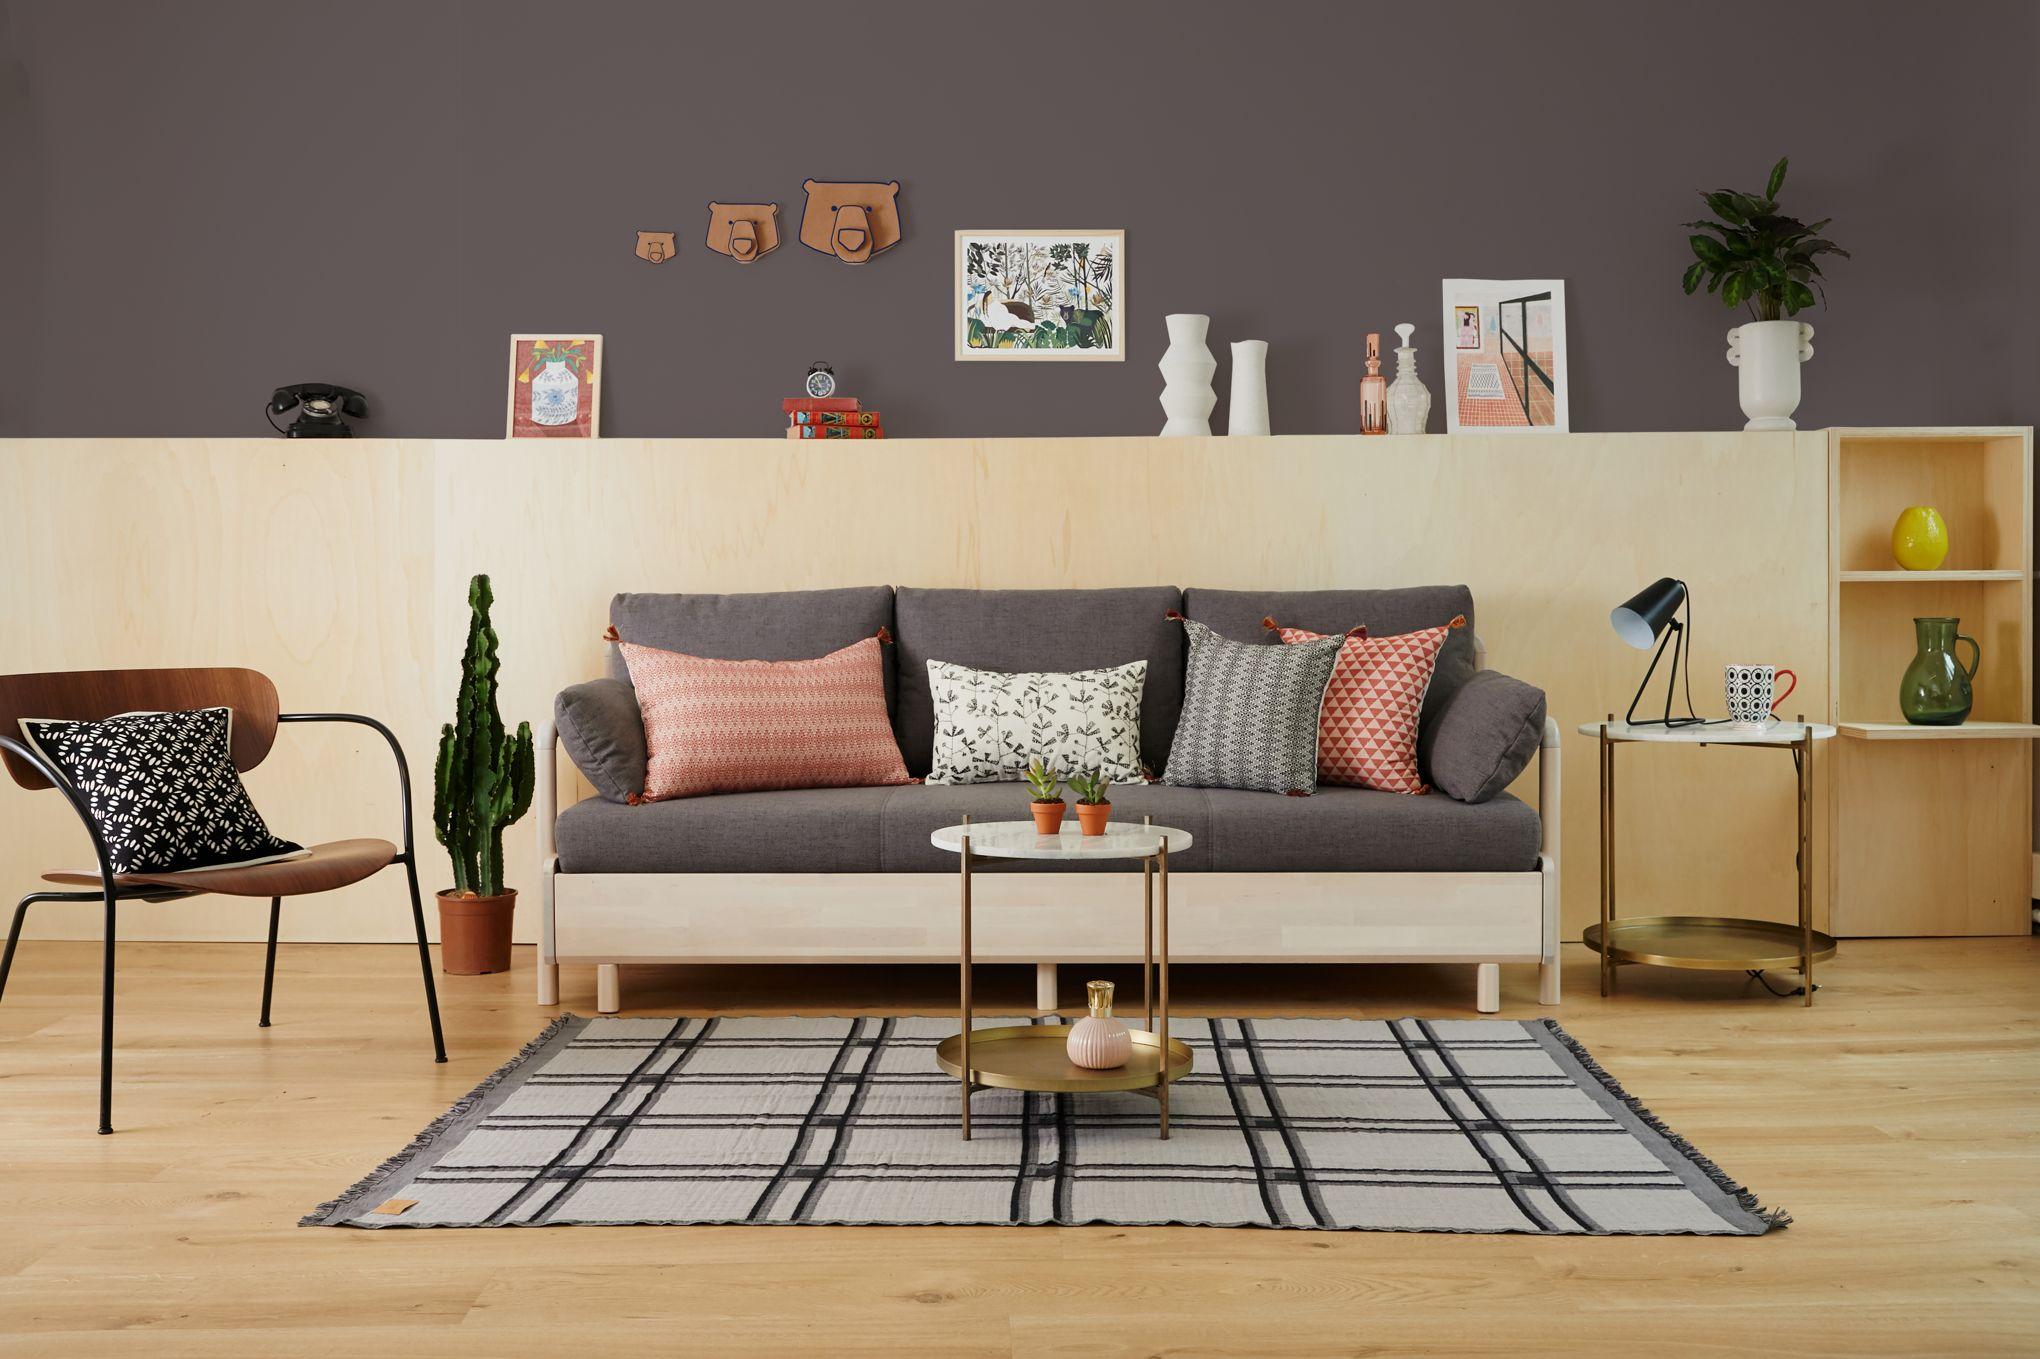 Choisir Un Canapé Densité tediber vous présente l'incroyable canapé-lit